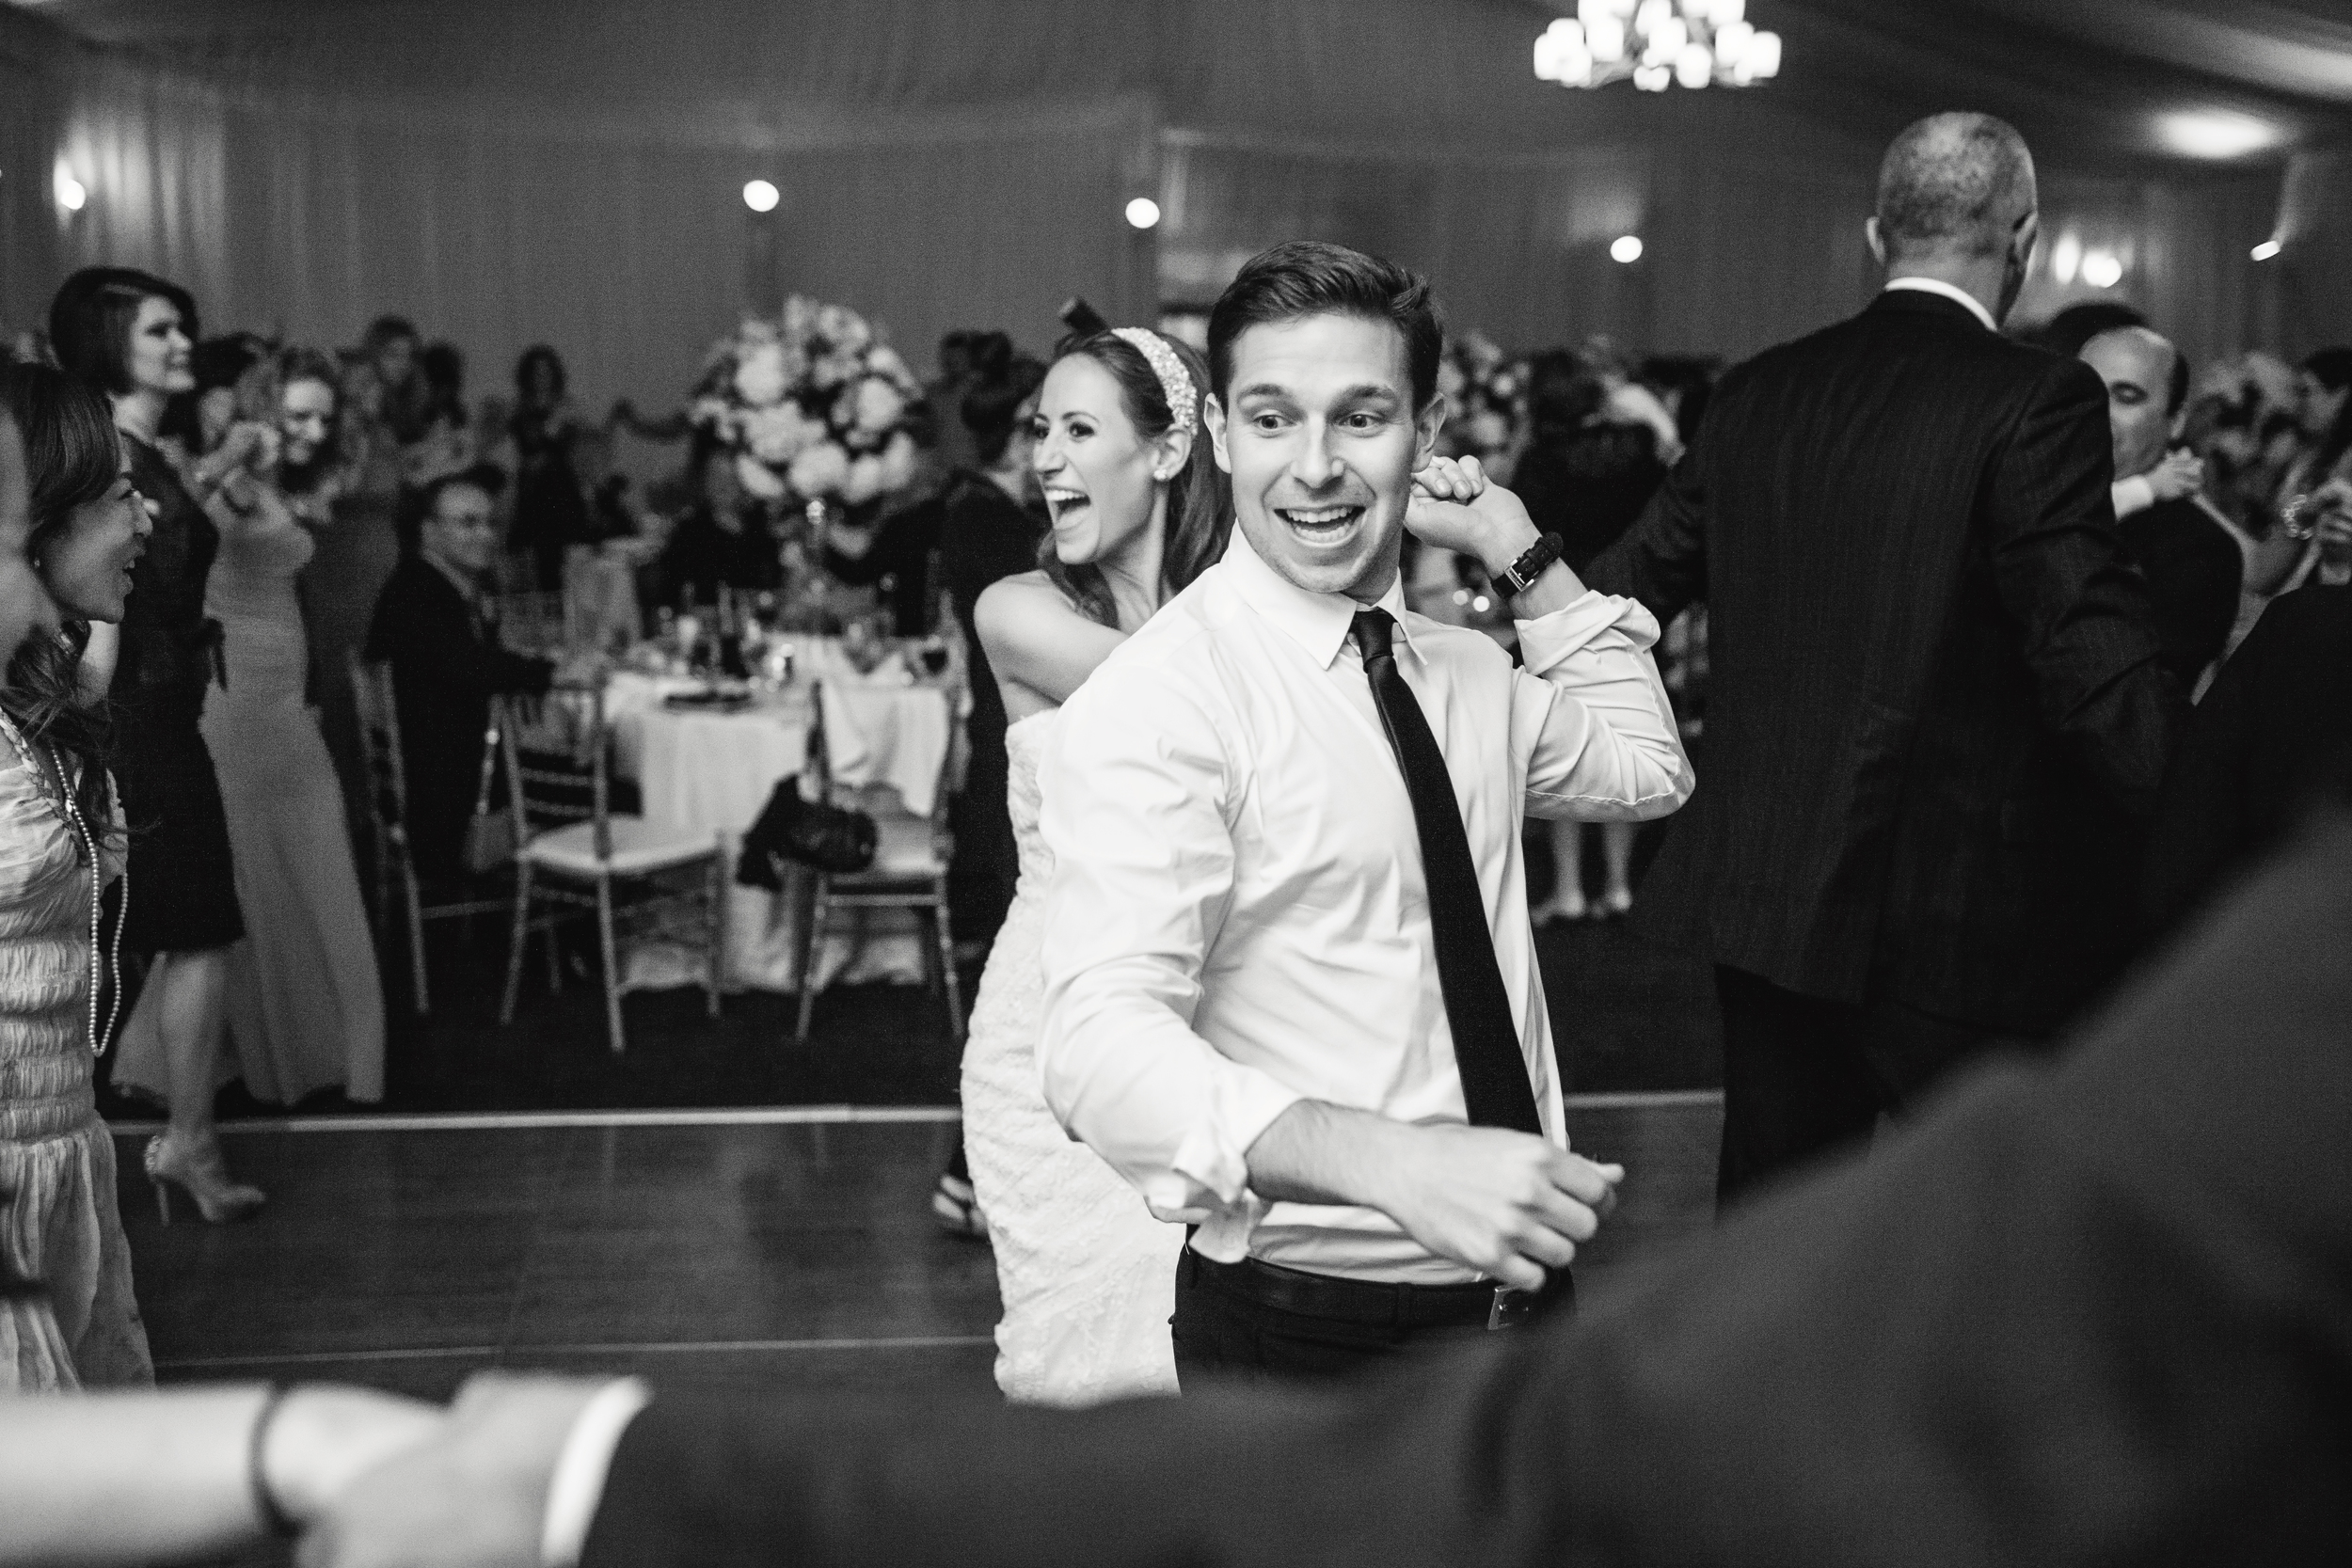 Prazmark_Wedding-58.jpg